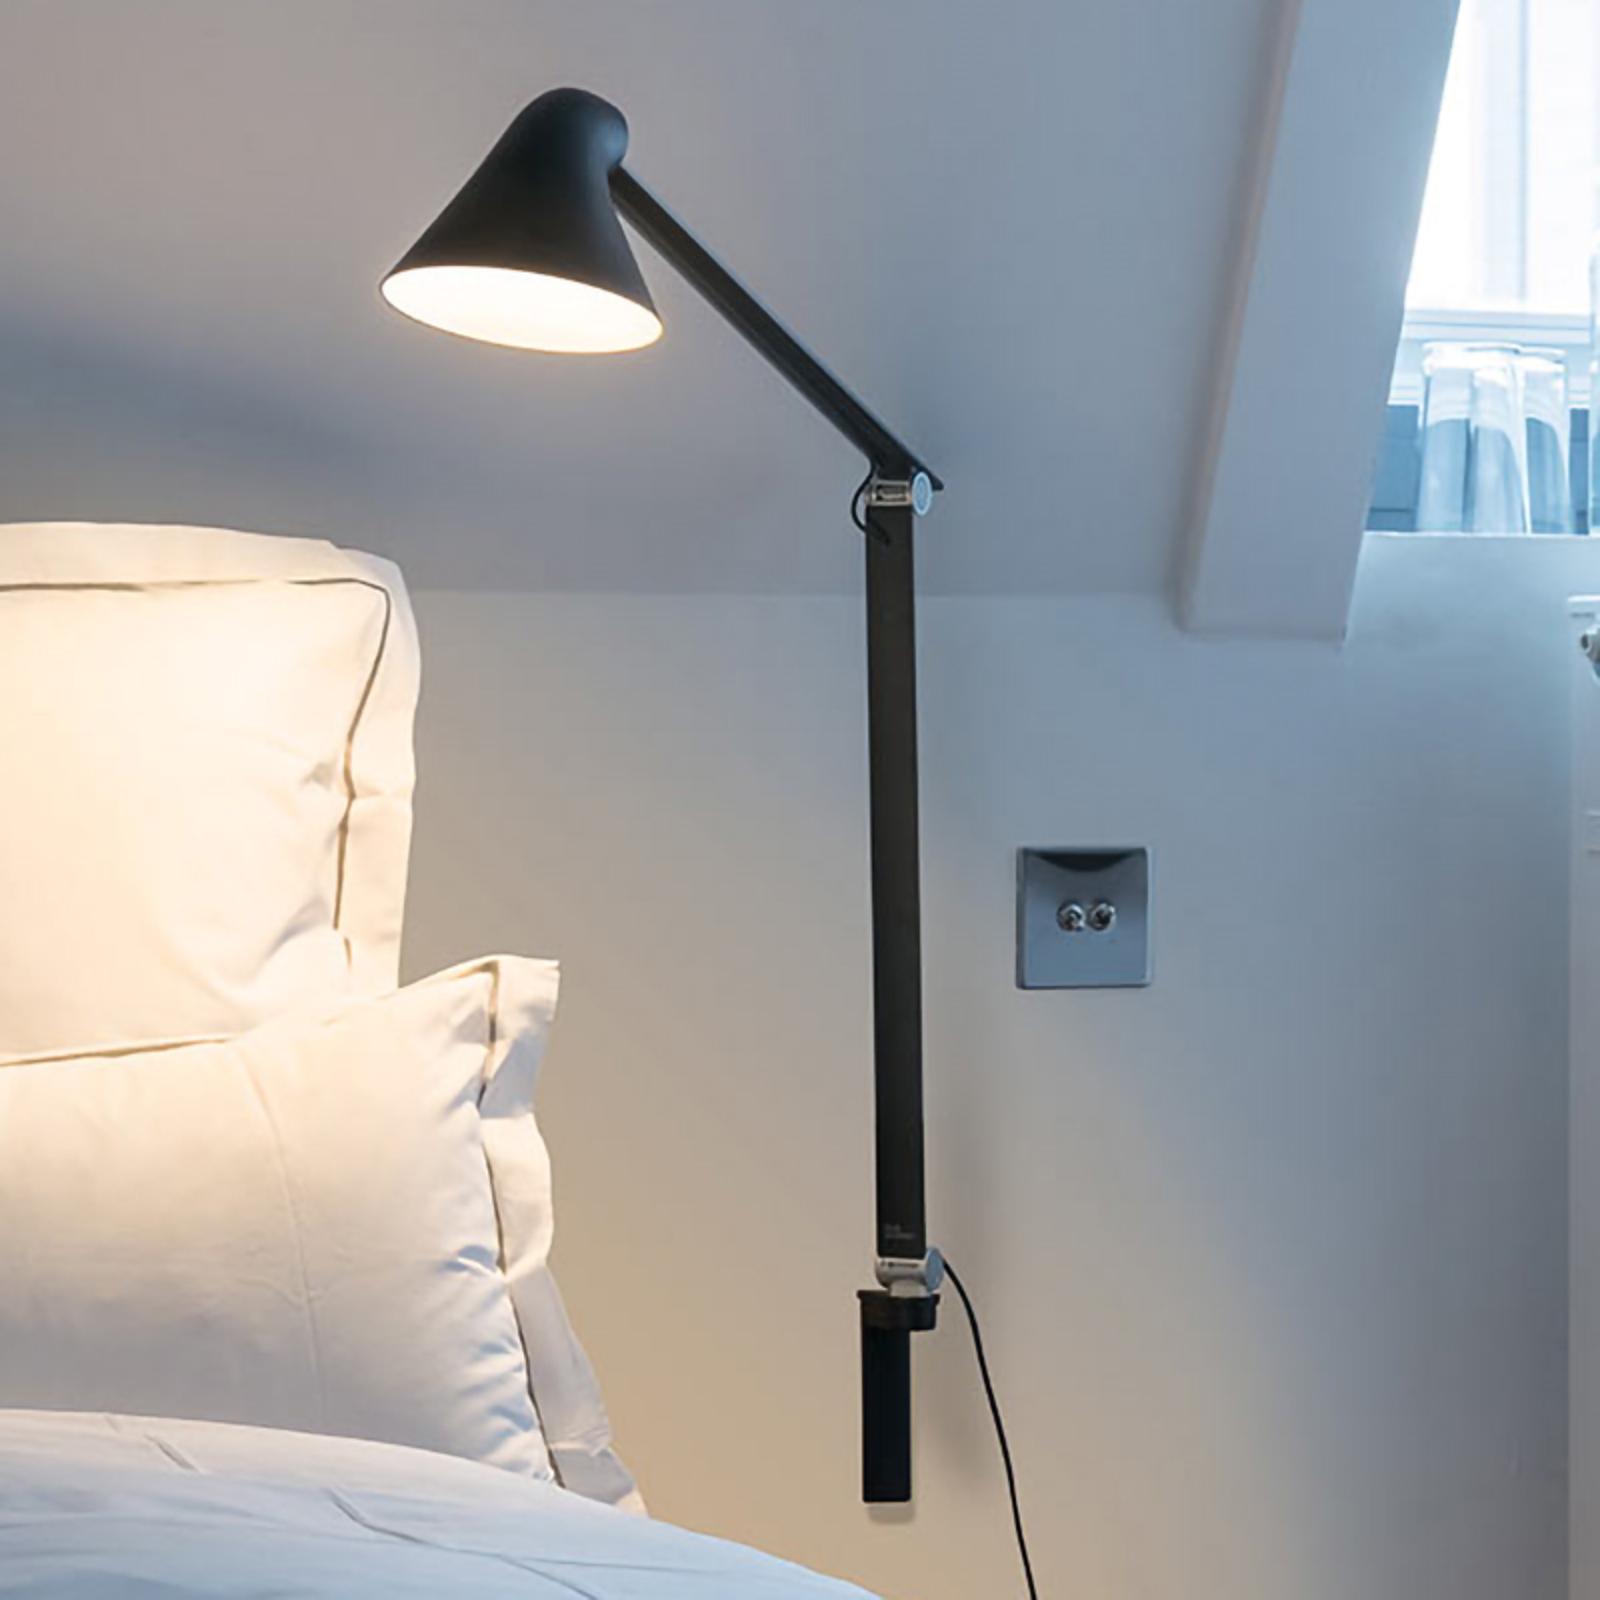 Louis Poulsen NJP LED-væglampe, arm lang, sort